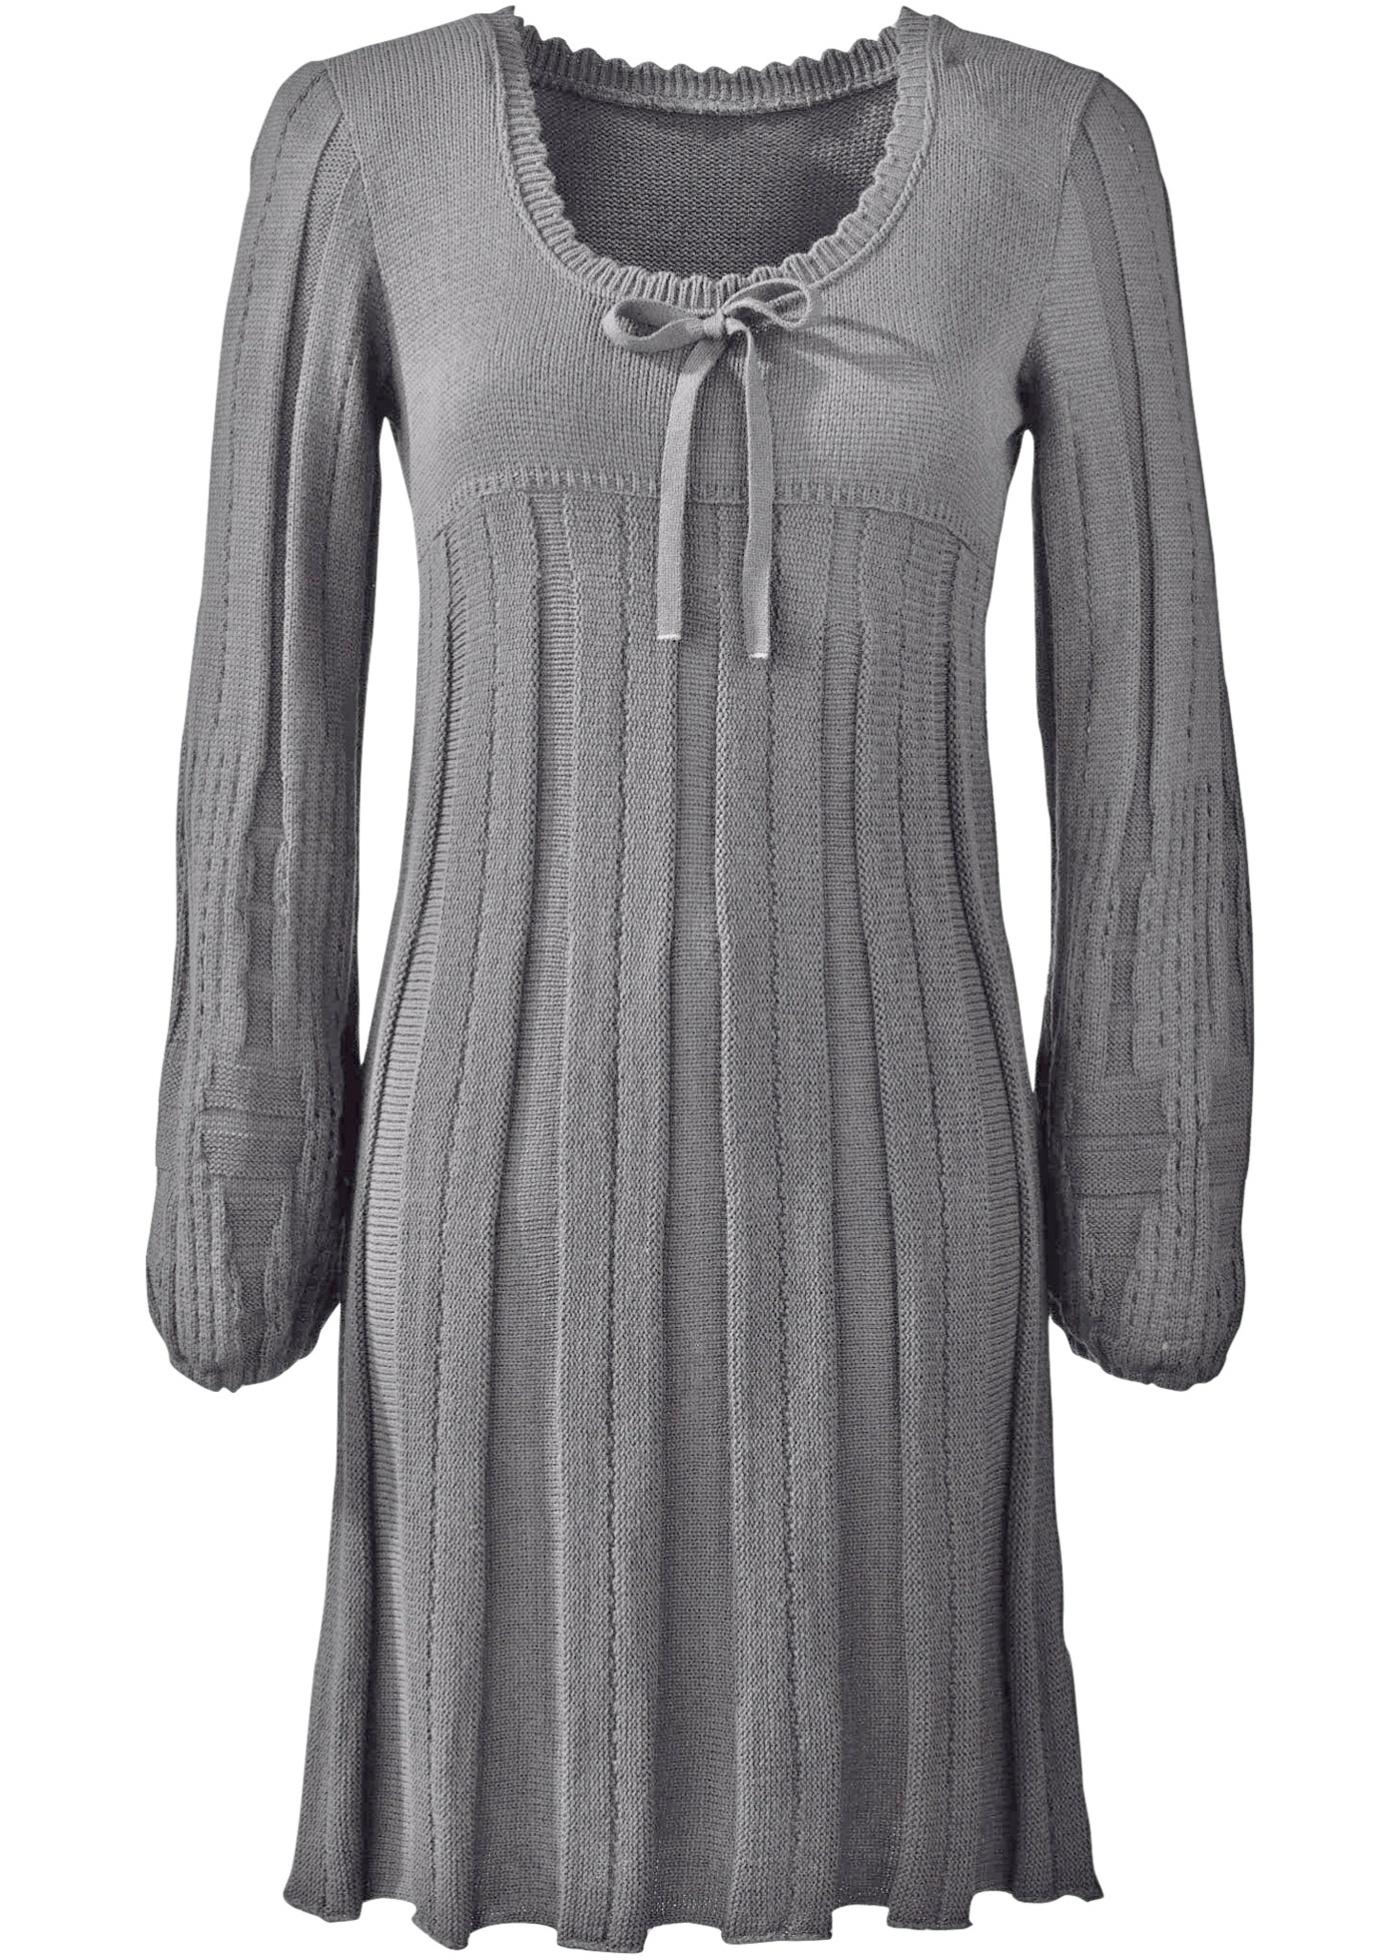 Stickad klänning, BODYFLIRT, gråmelerad